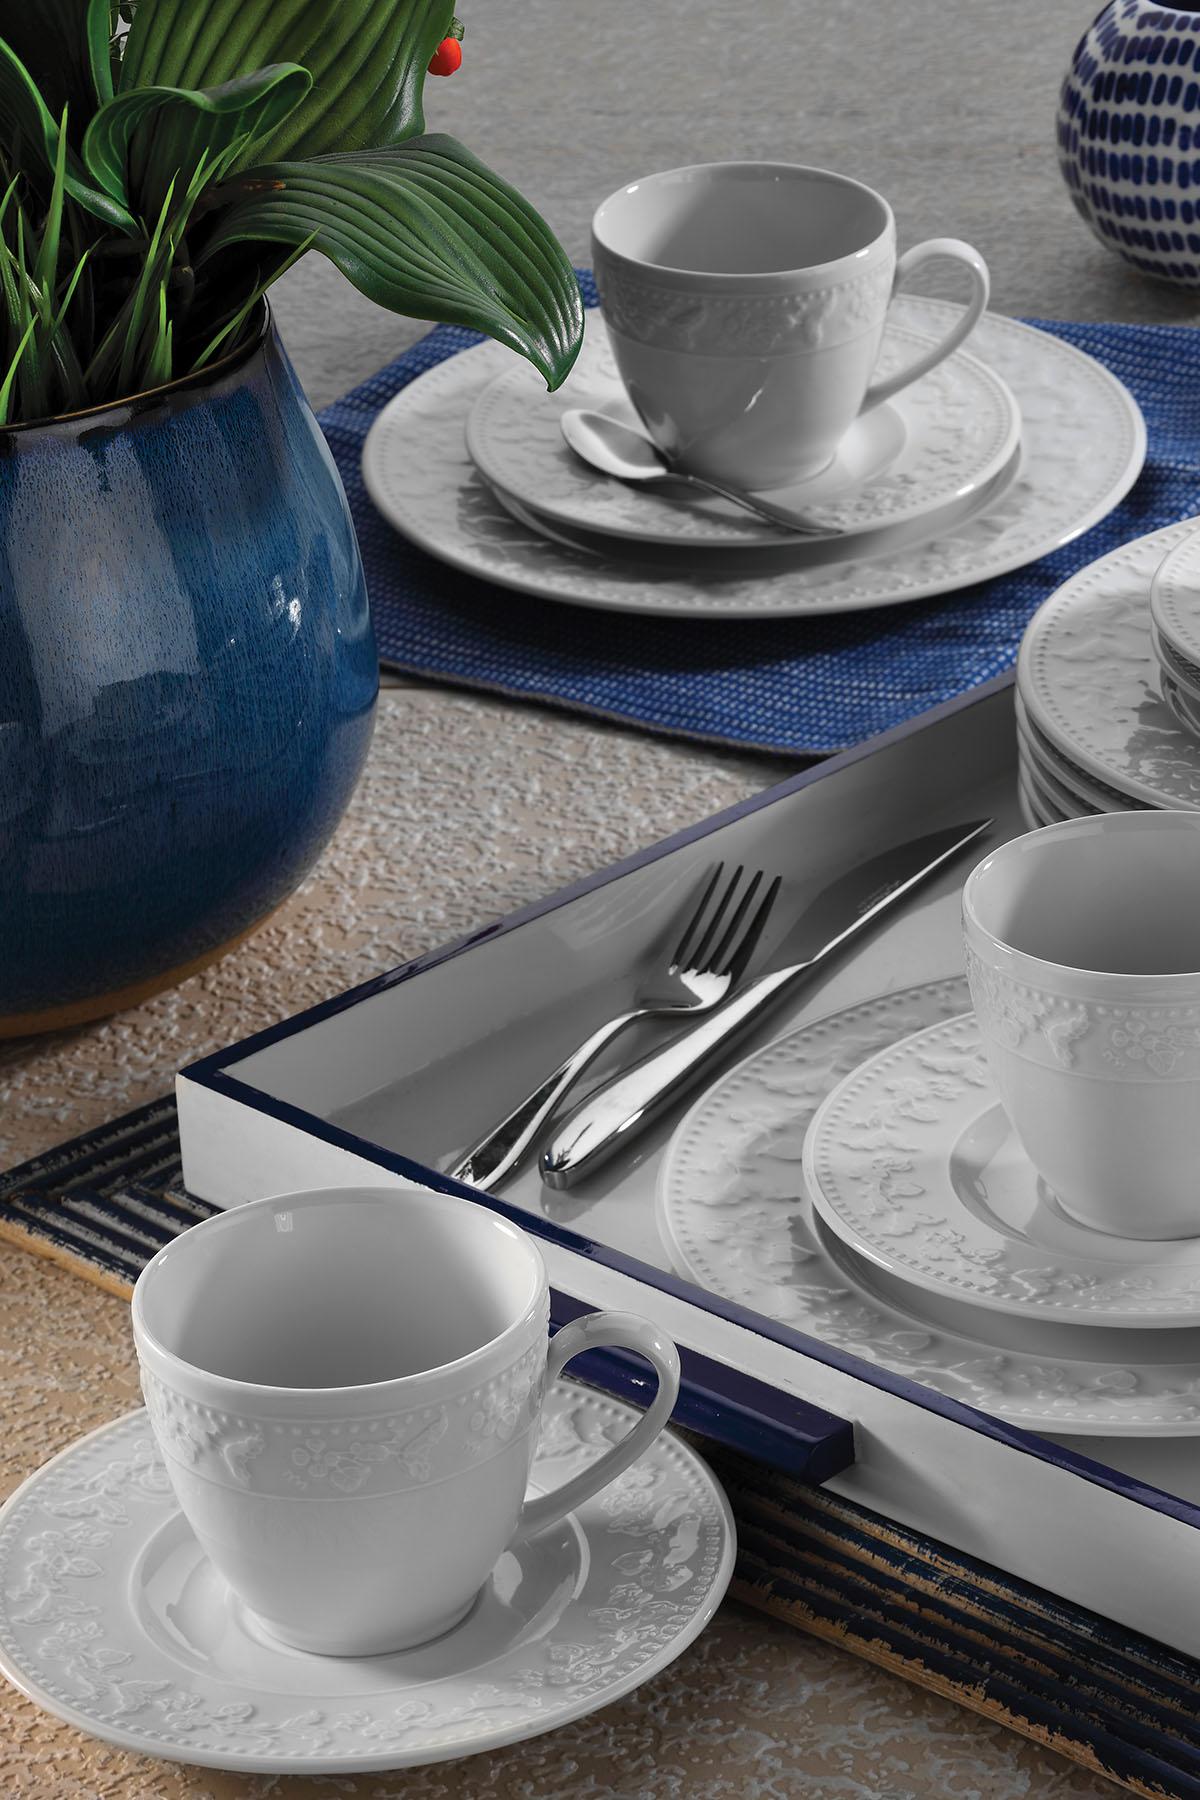 Kütahya Porselen - Kütahya Porselen Silvia Kahve Fincan Takımı